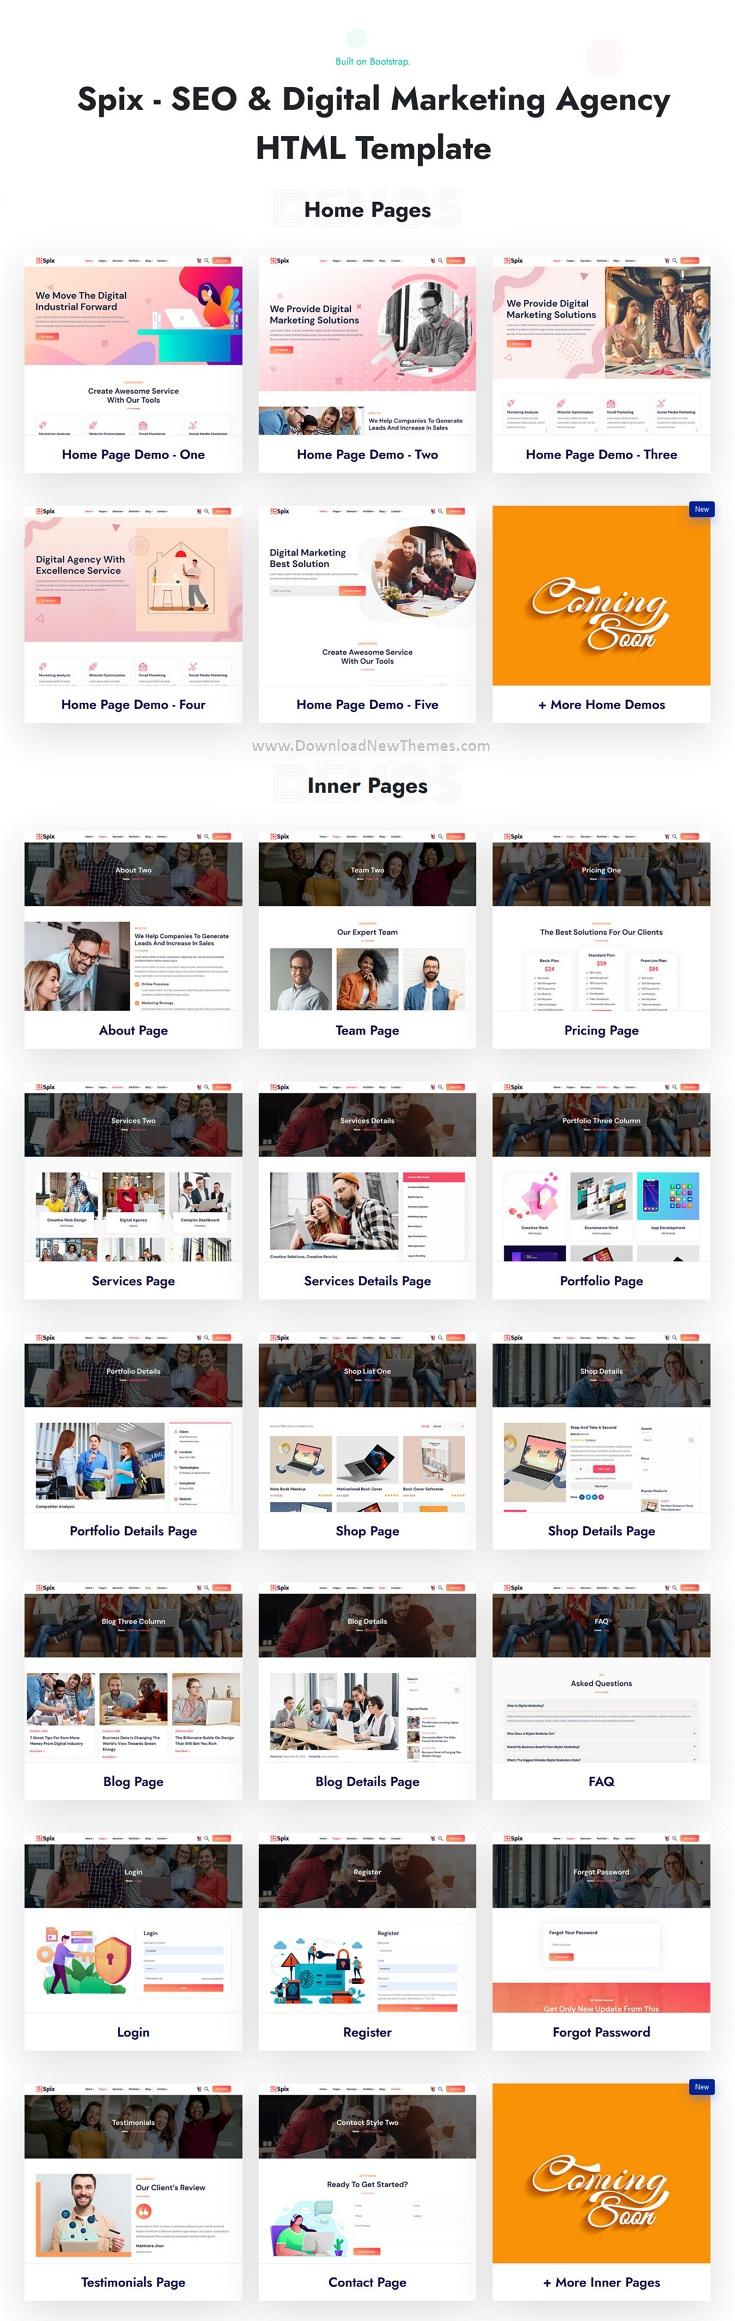 SEO & IT Agency HTML Template